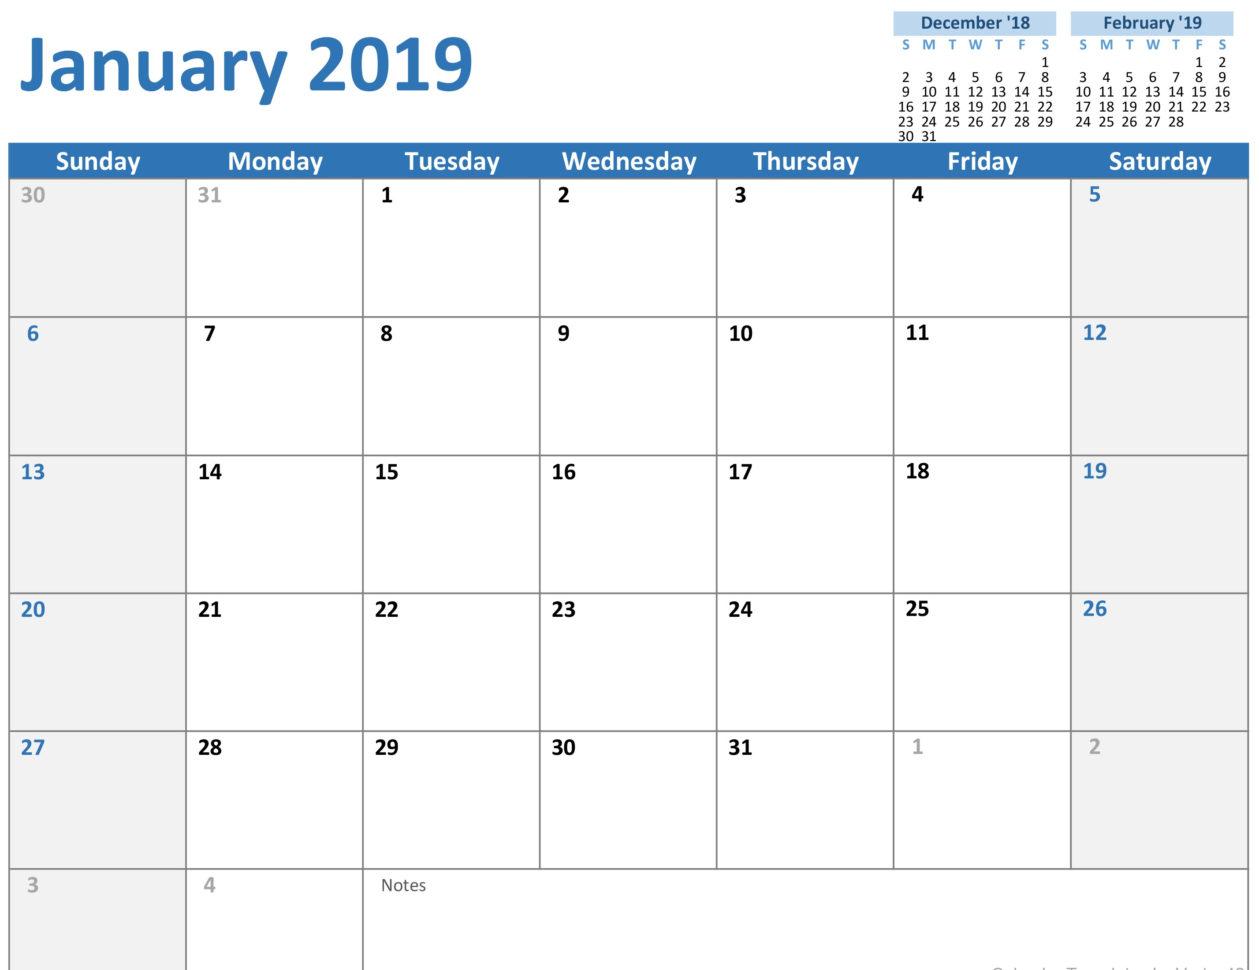 spreadsheet calendar template spreadsheet downloa xls